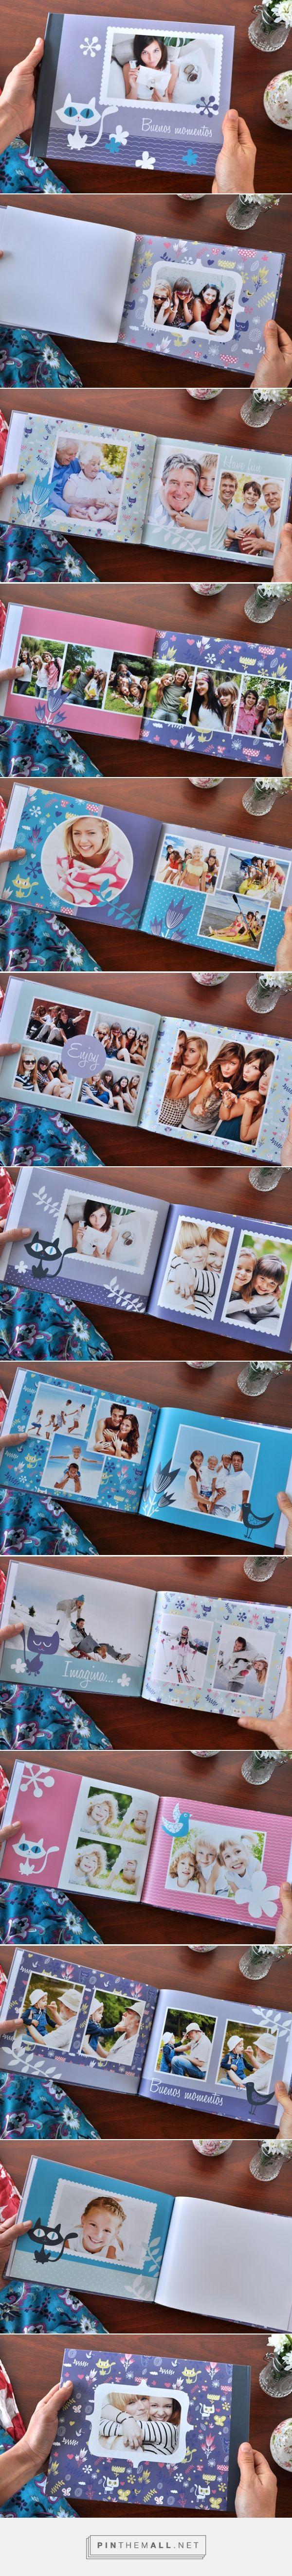 Sweet Cats es un fotolibro con un diseño divertido que podés usar para tu Book de 15, Anuario Famliar, con las fotos de los chicos o lo que quieras! Está diseñado en formato 27,9 x 21,6 cm con tapa dura y ya está listo para que puedas descargarlo y completarlo con tus propias fotos.| Blog - Fábrica de Fotolibros - created via http://pinthemall.net